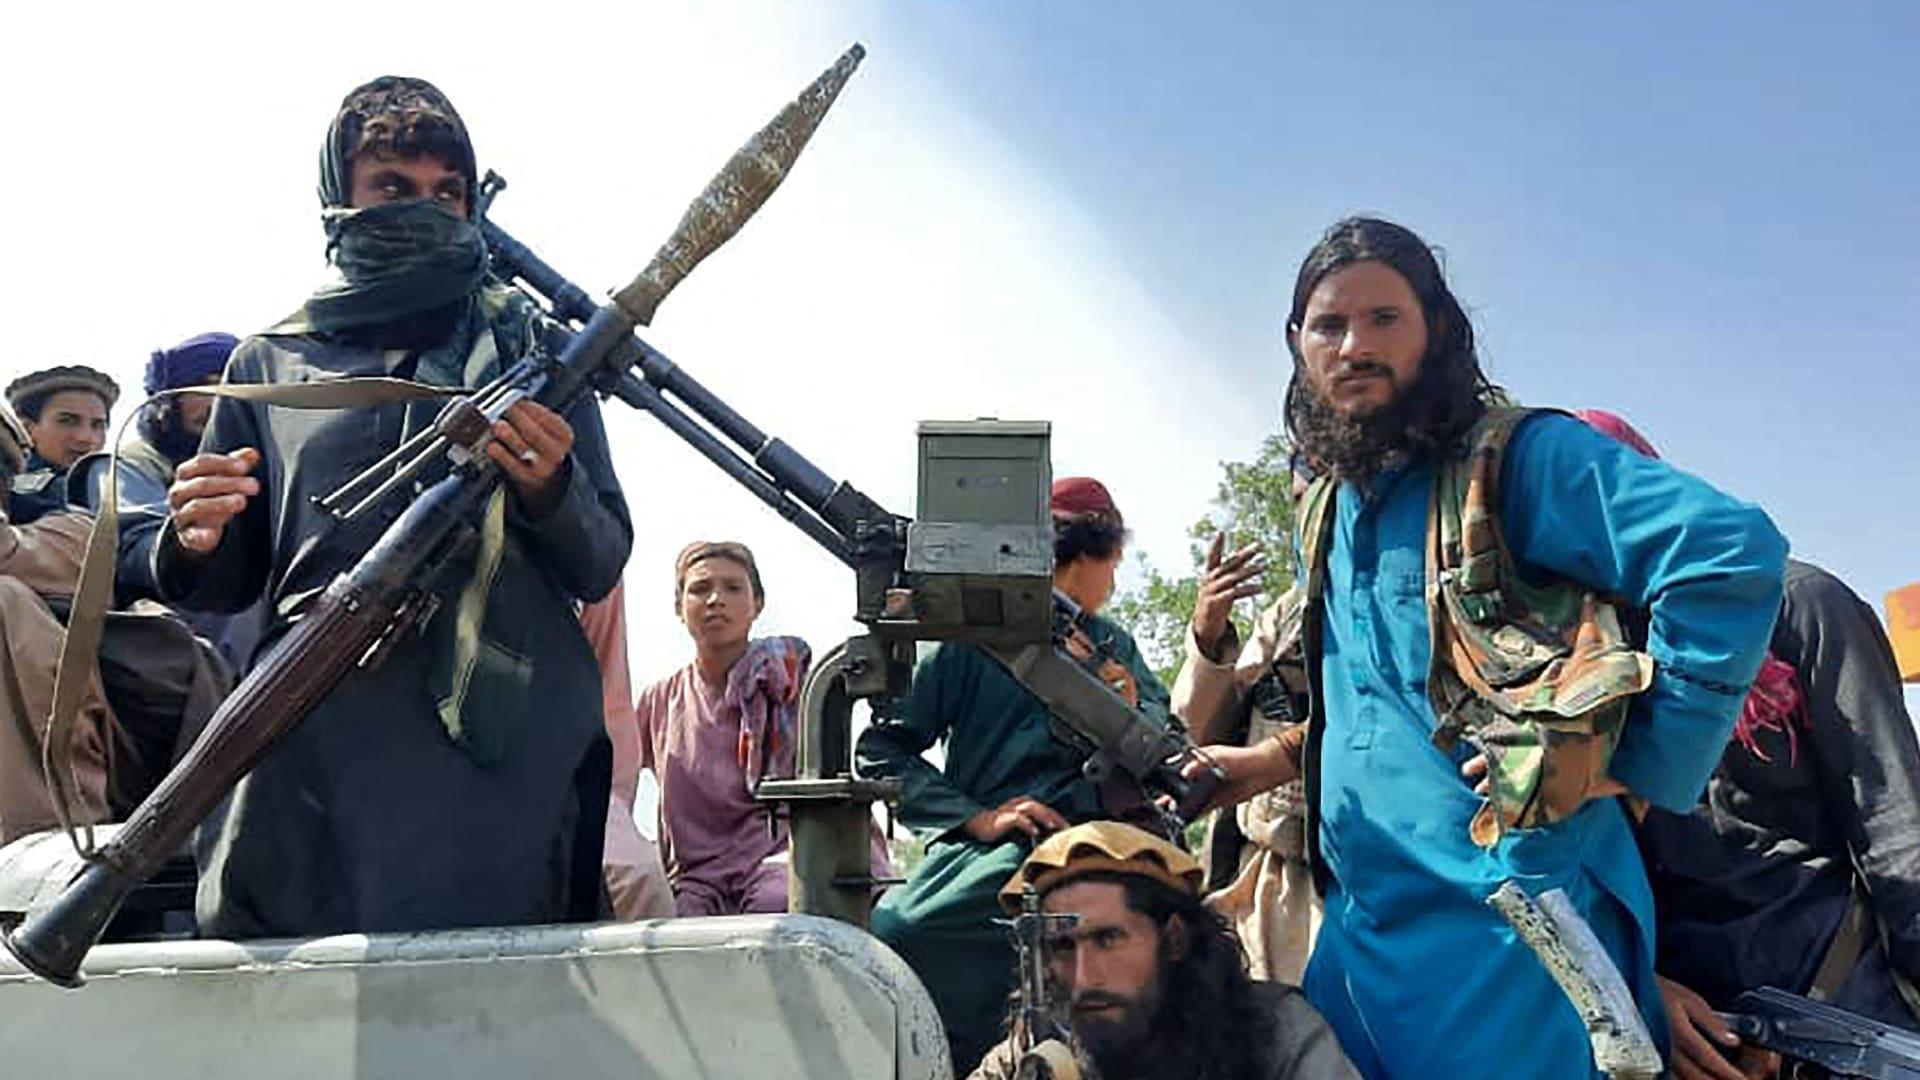 فيديو نشرته طالبان تدعي أنها لقاعدتين لداعش في وسط أفغانستان تم تدميرهما